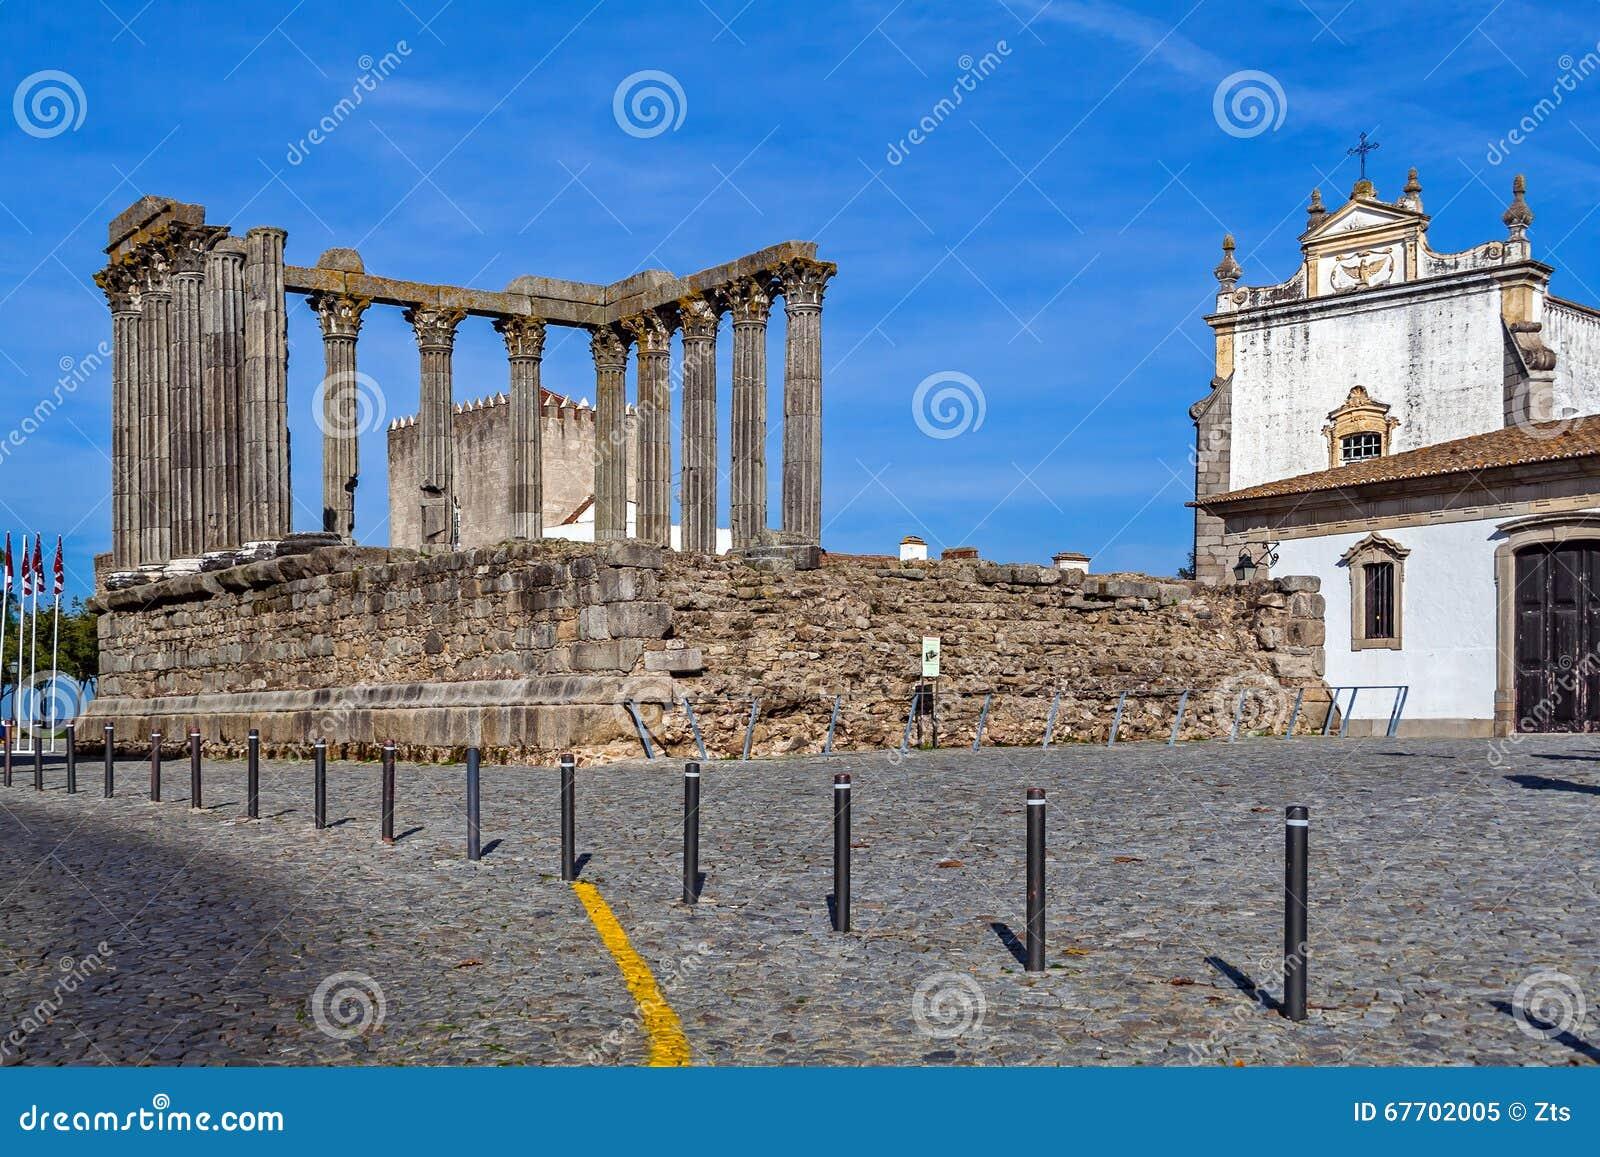 Den iconic Roman Temple som är hängiven till kejsarekulten